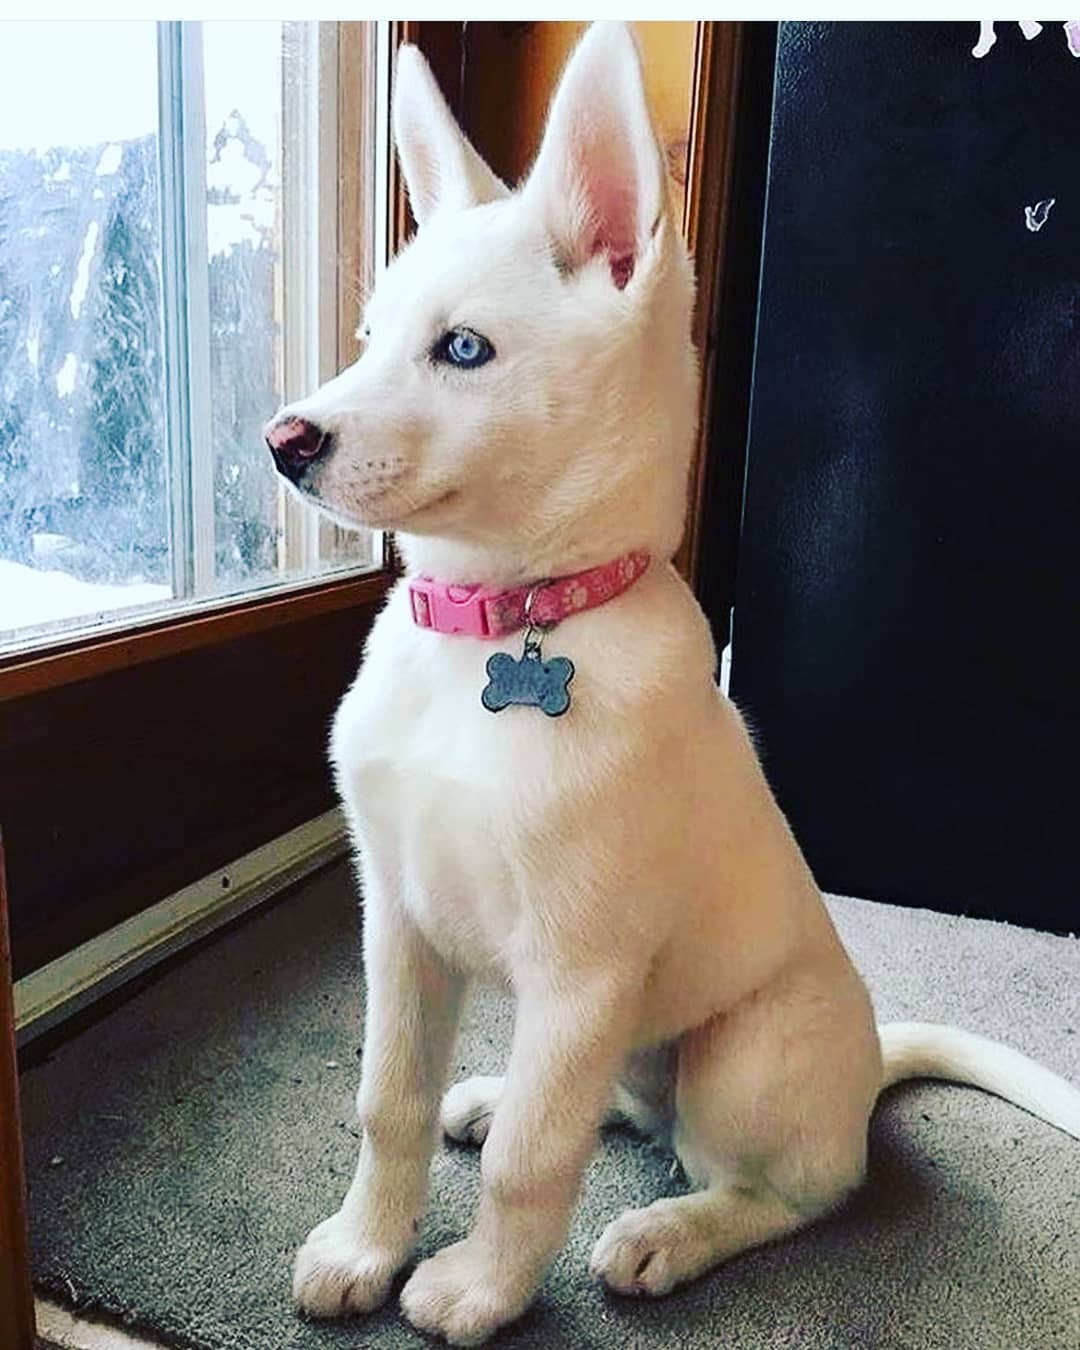 Tai và mắt: Tai của Husky dựng thẳng đứng, hình tam giác